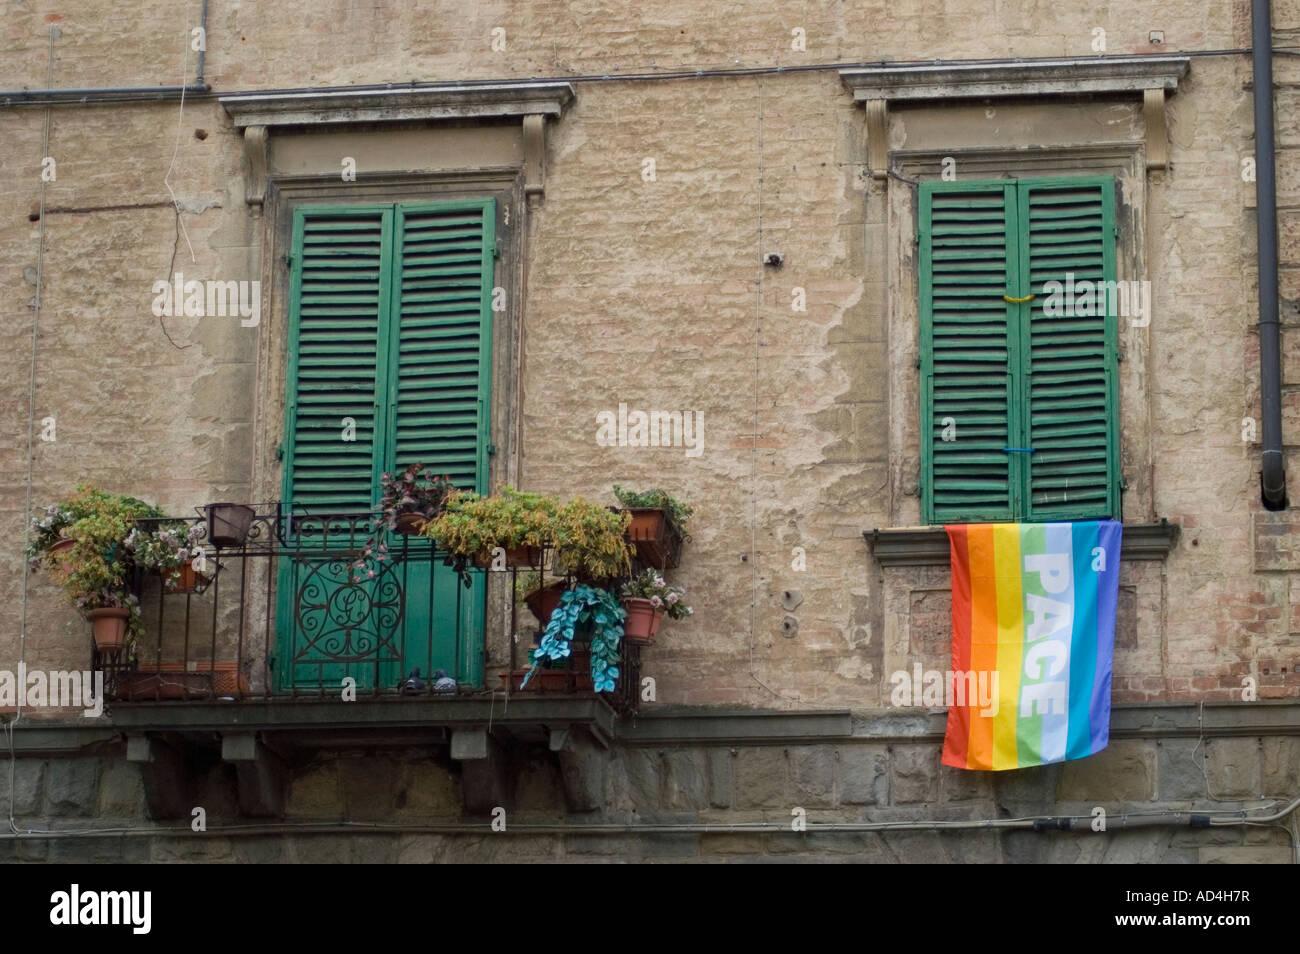 Bandiera della pace appesa da un balcone a Venezia Italia durante la Seconda Guerra del Golfo Venezia Italia Maggio 2003 Foto Stock